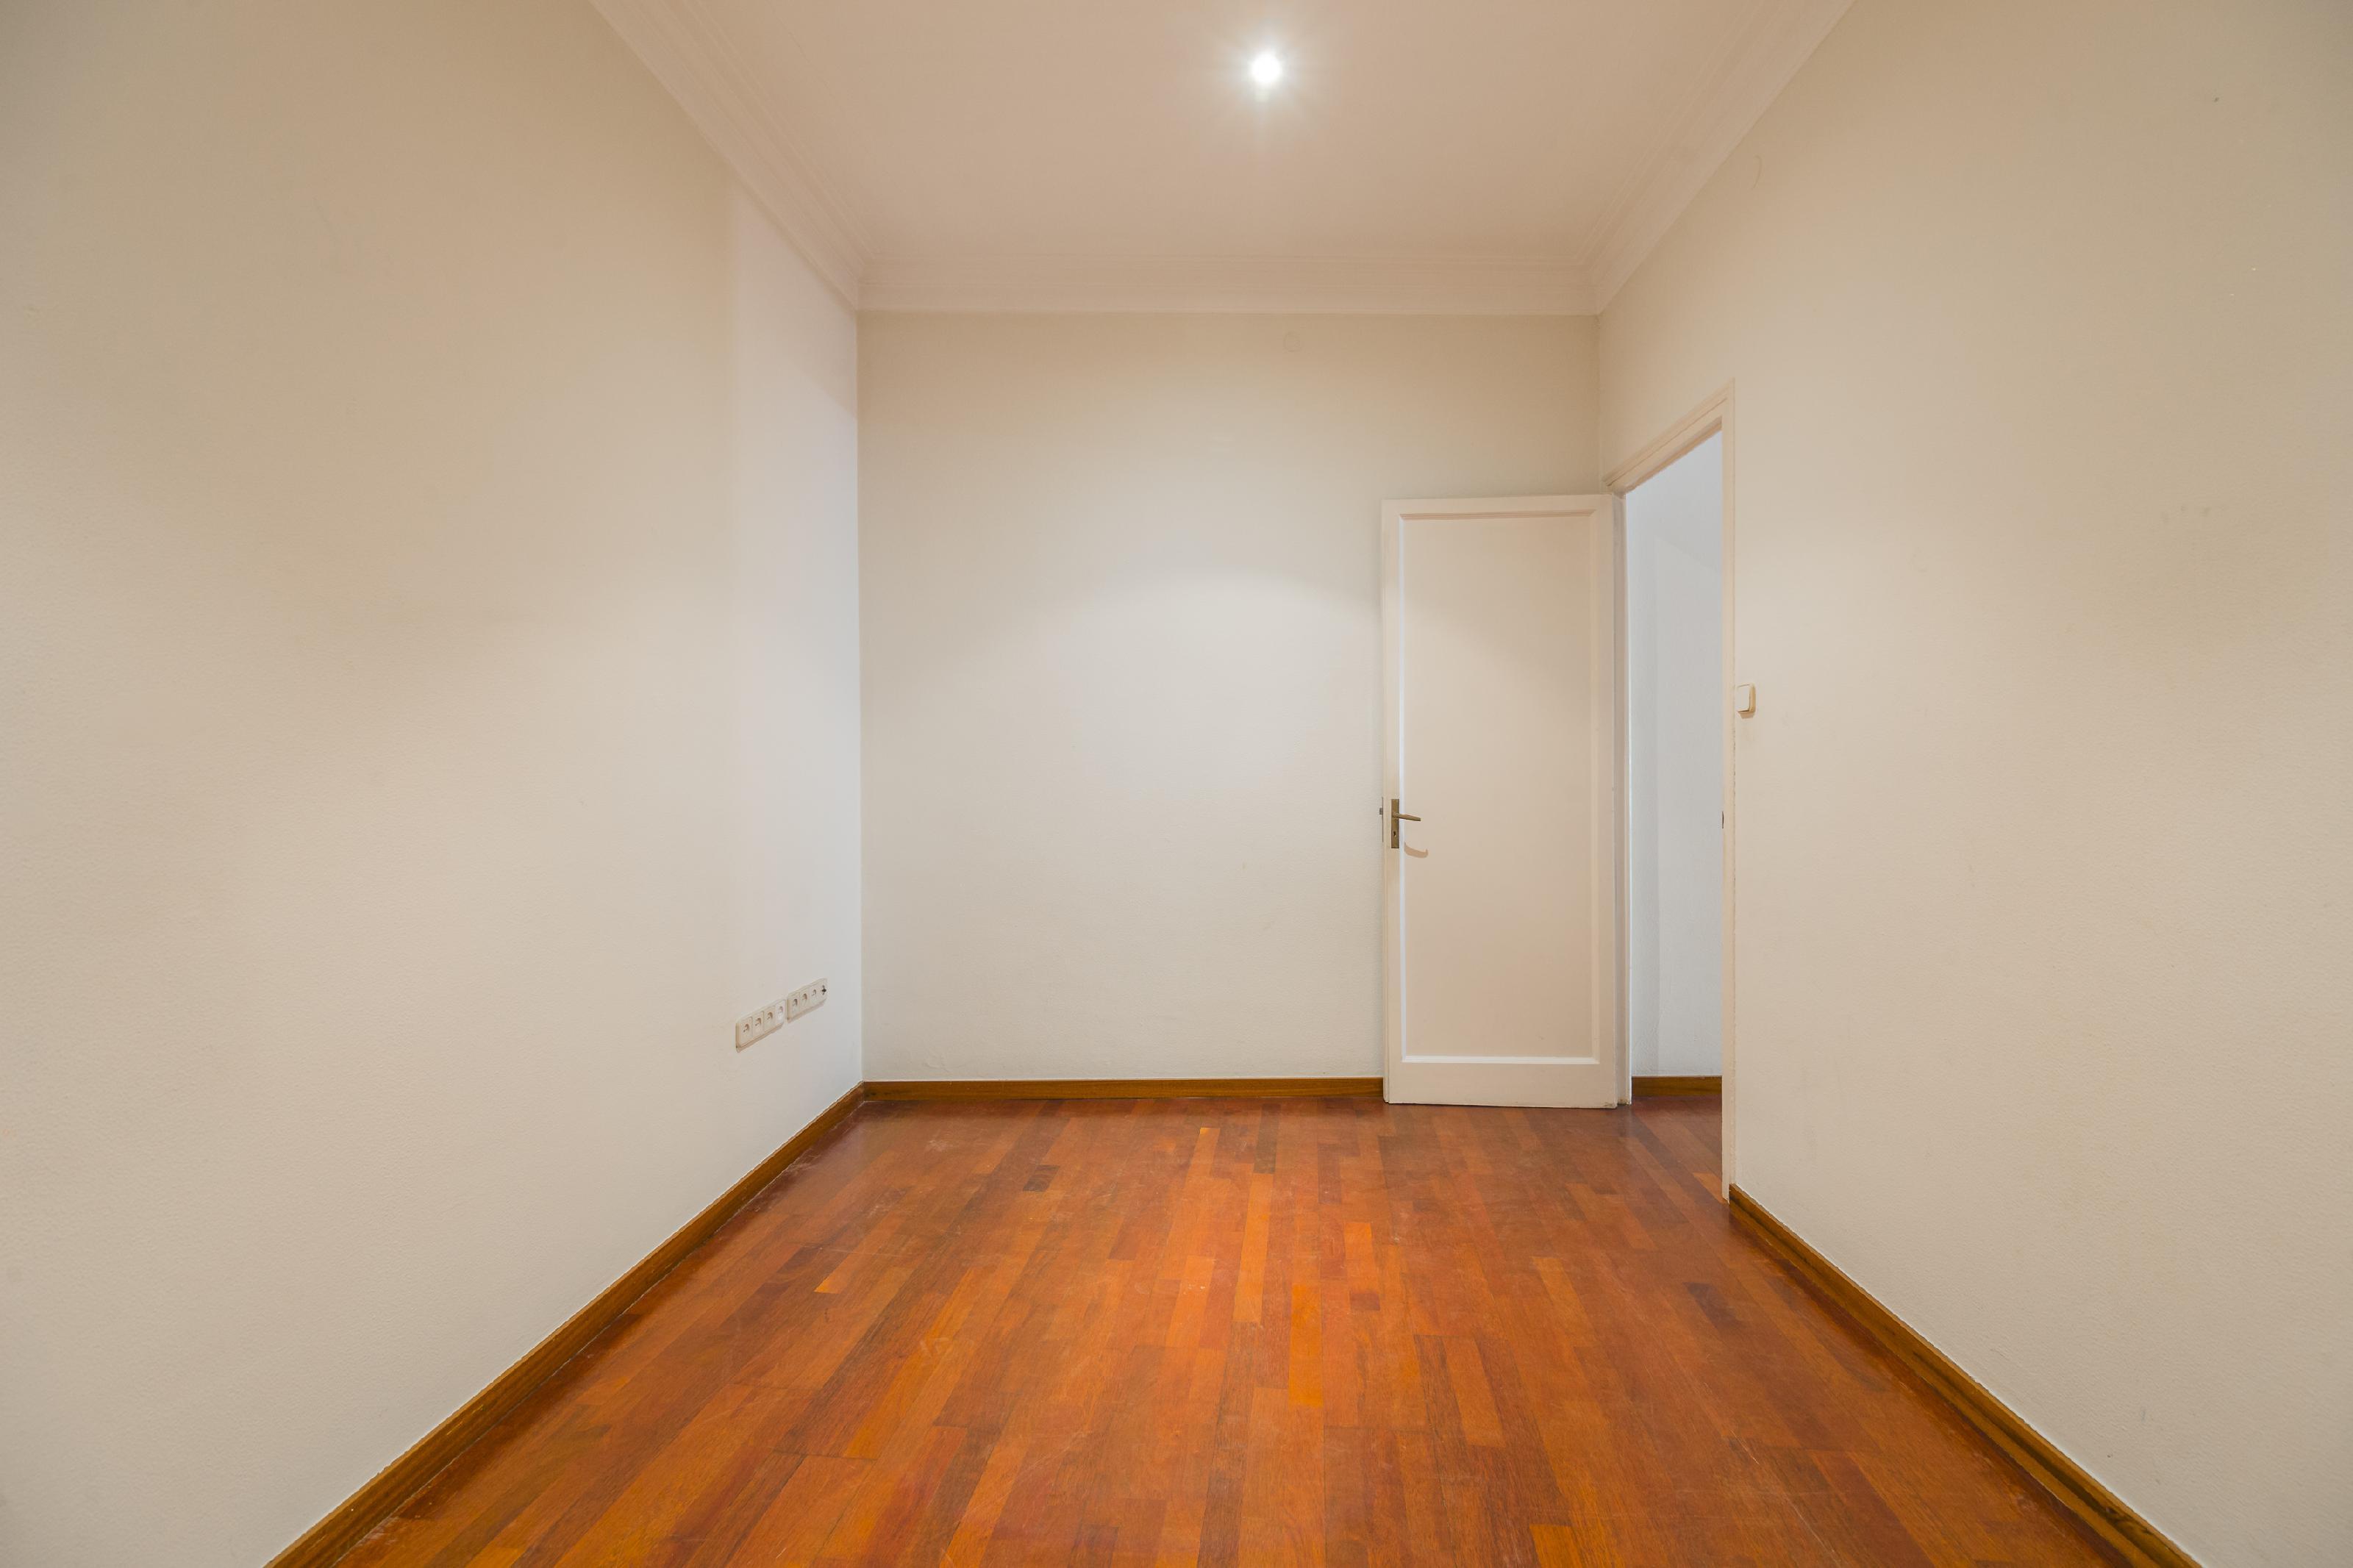 246347 Flat for sale in Sarrià-Sant Gervasi, St. Gervasi-Bonanova 22